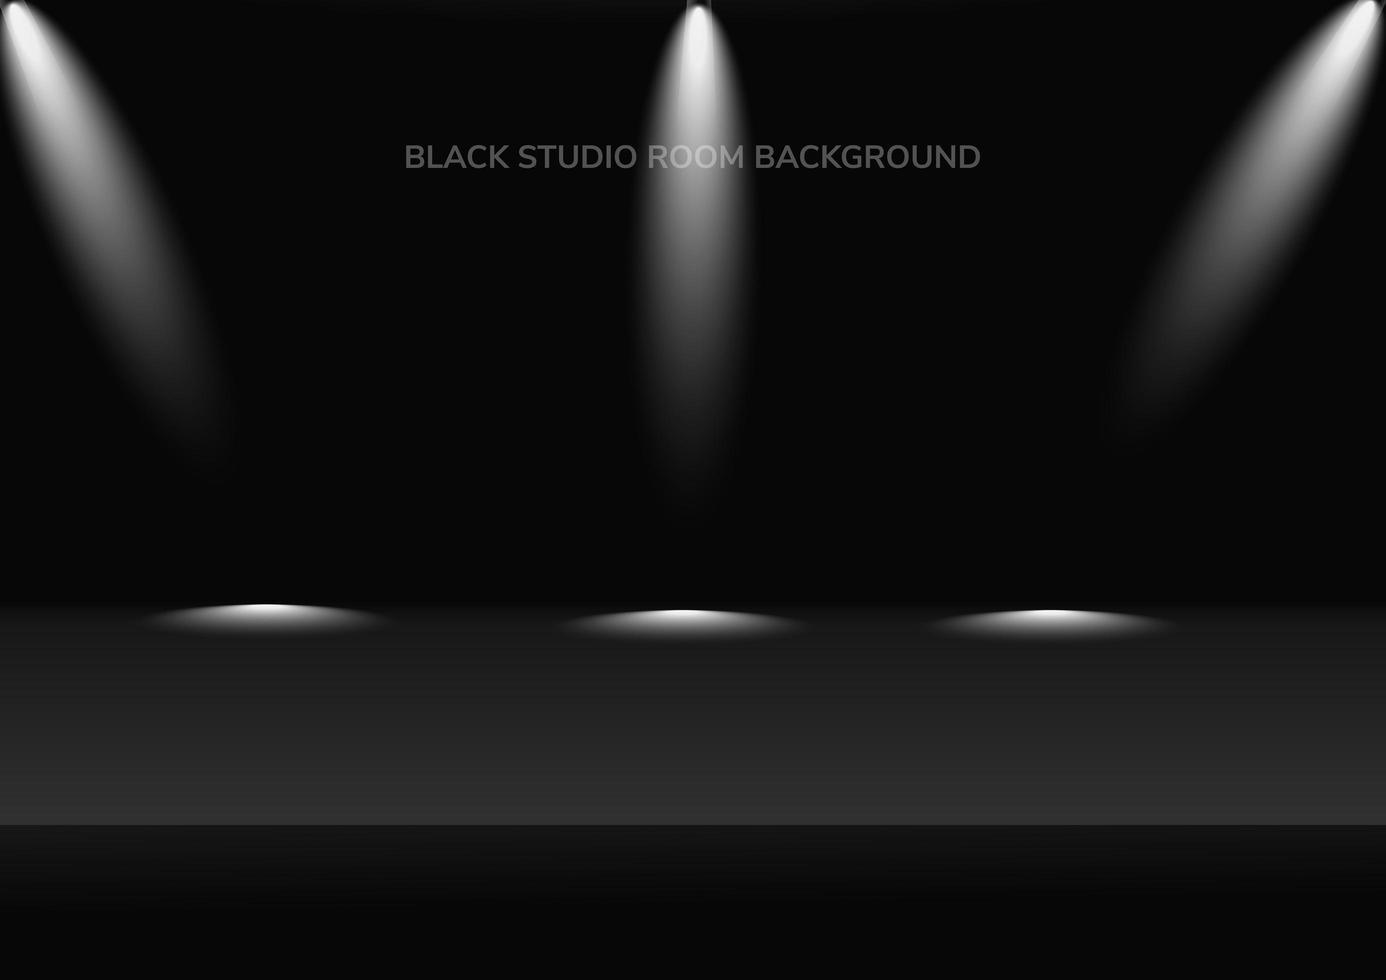 pano de fundo do quarto estúdio escuro com fundo em foco vetor